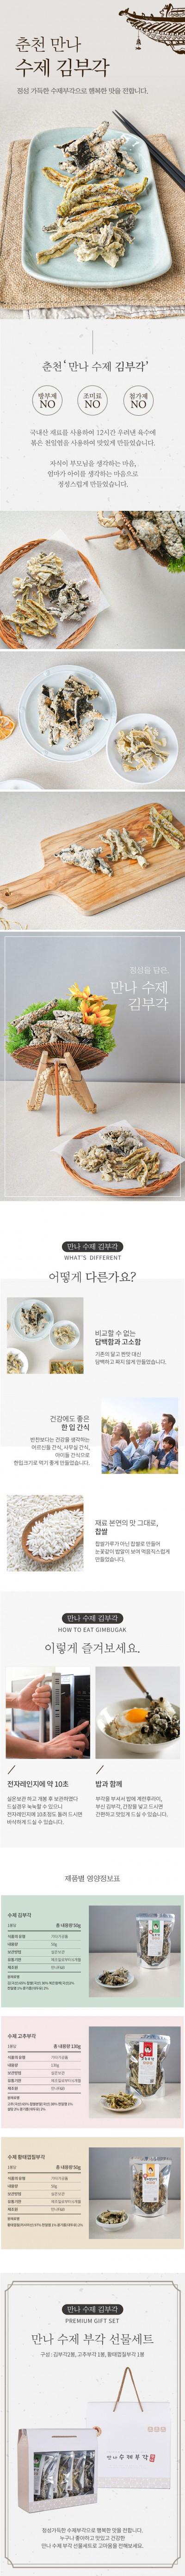 [T037]김부각 상세페이지 제작